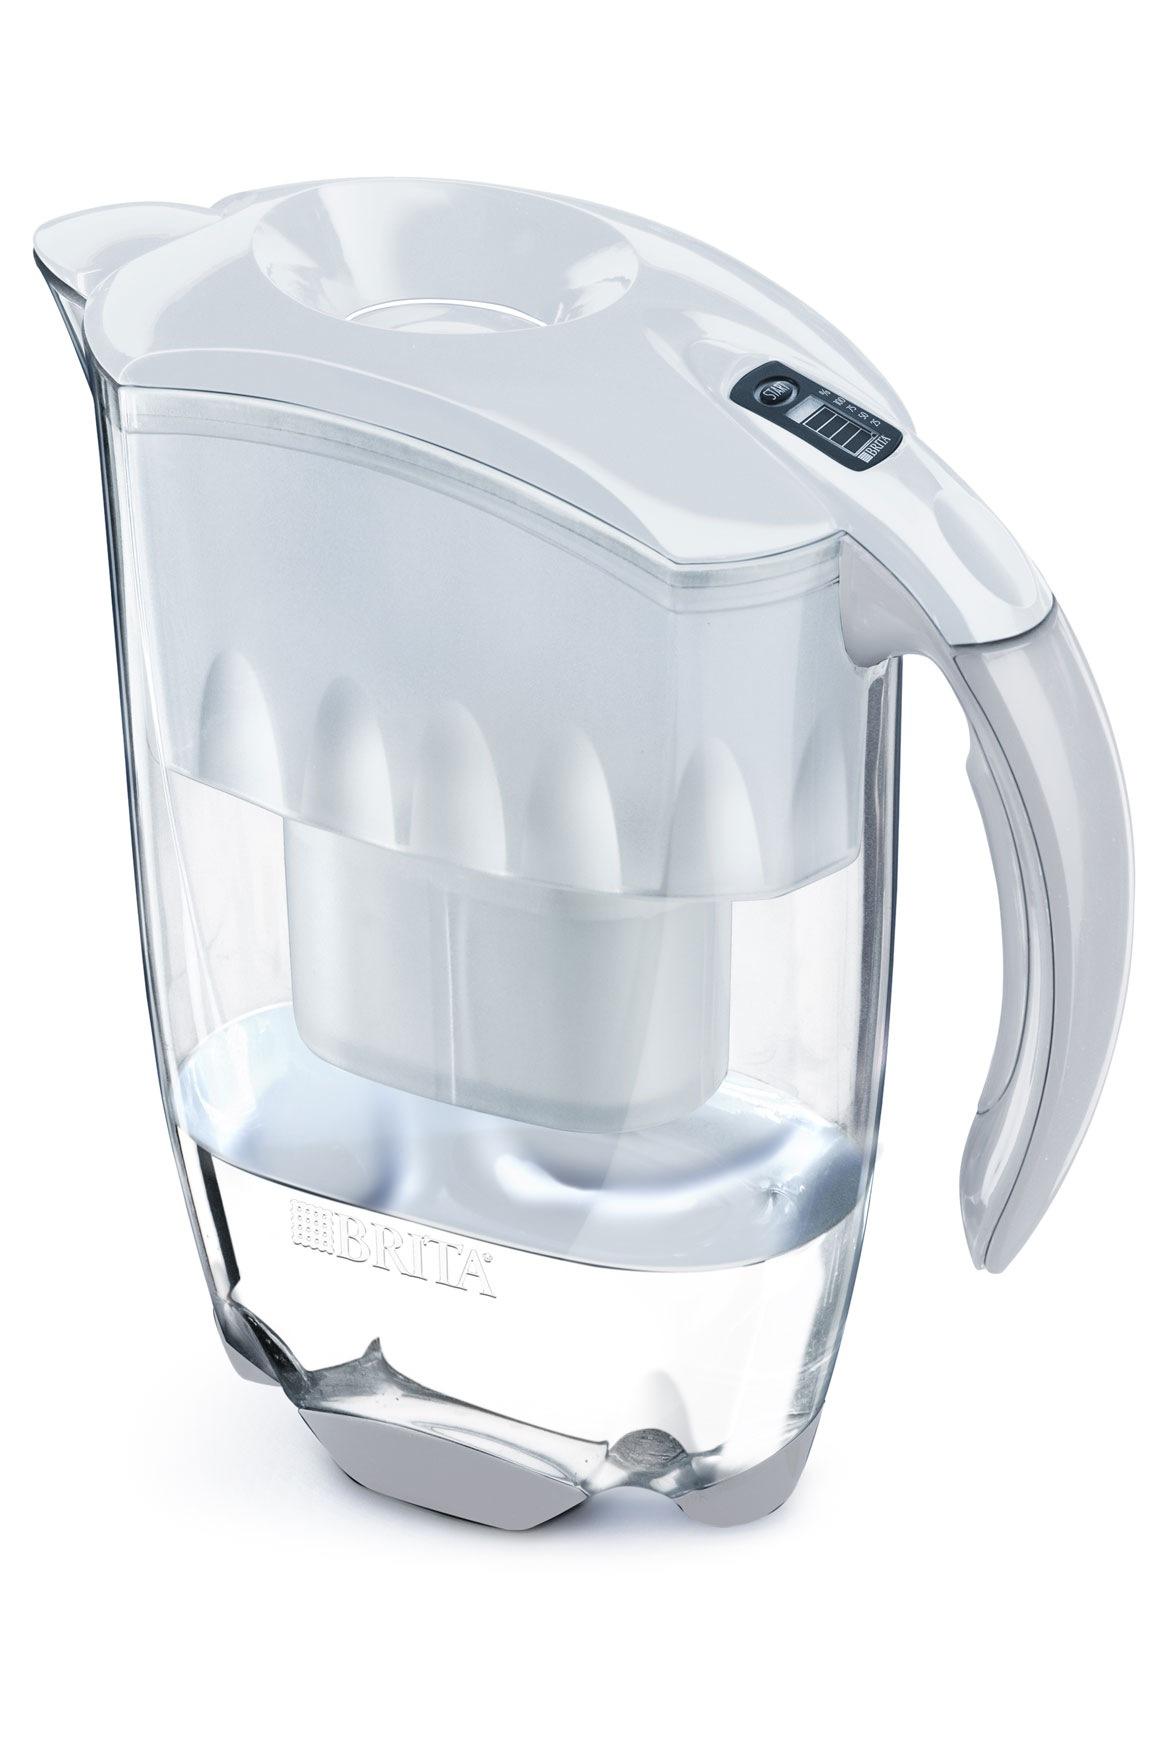 brita exmw elemaris xl 3 5 litre filter jug white myer online. Black Bedroom Furniture Sets. Home Design Ideas